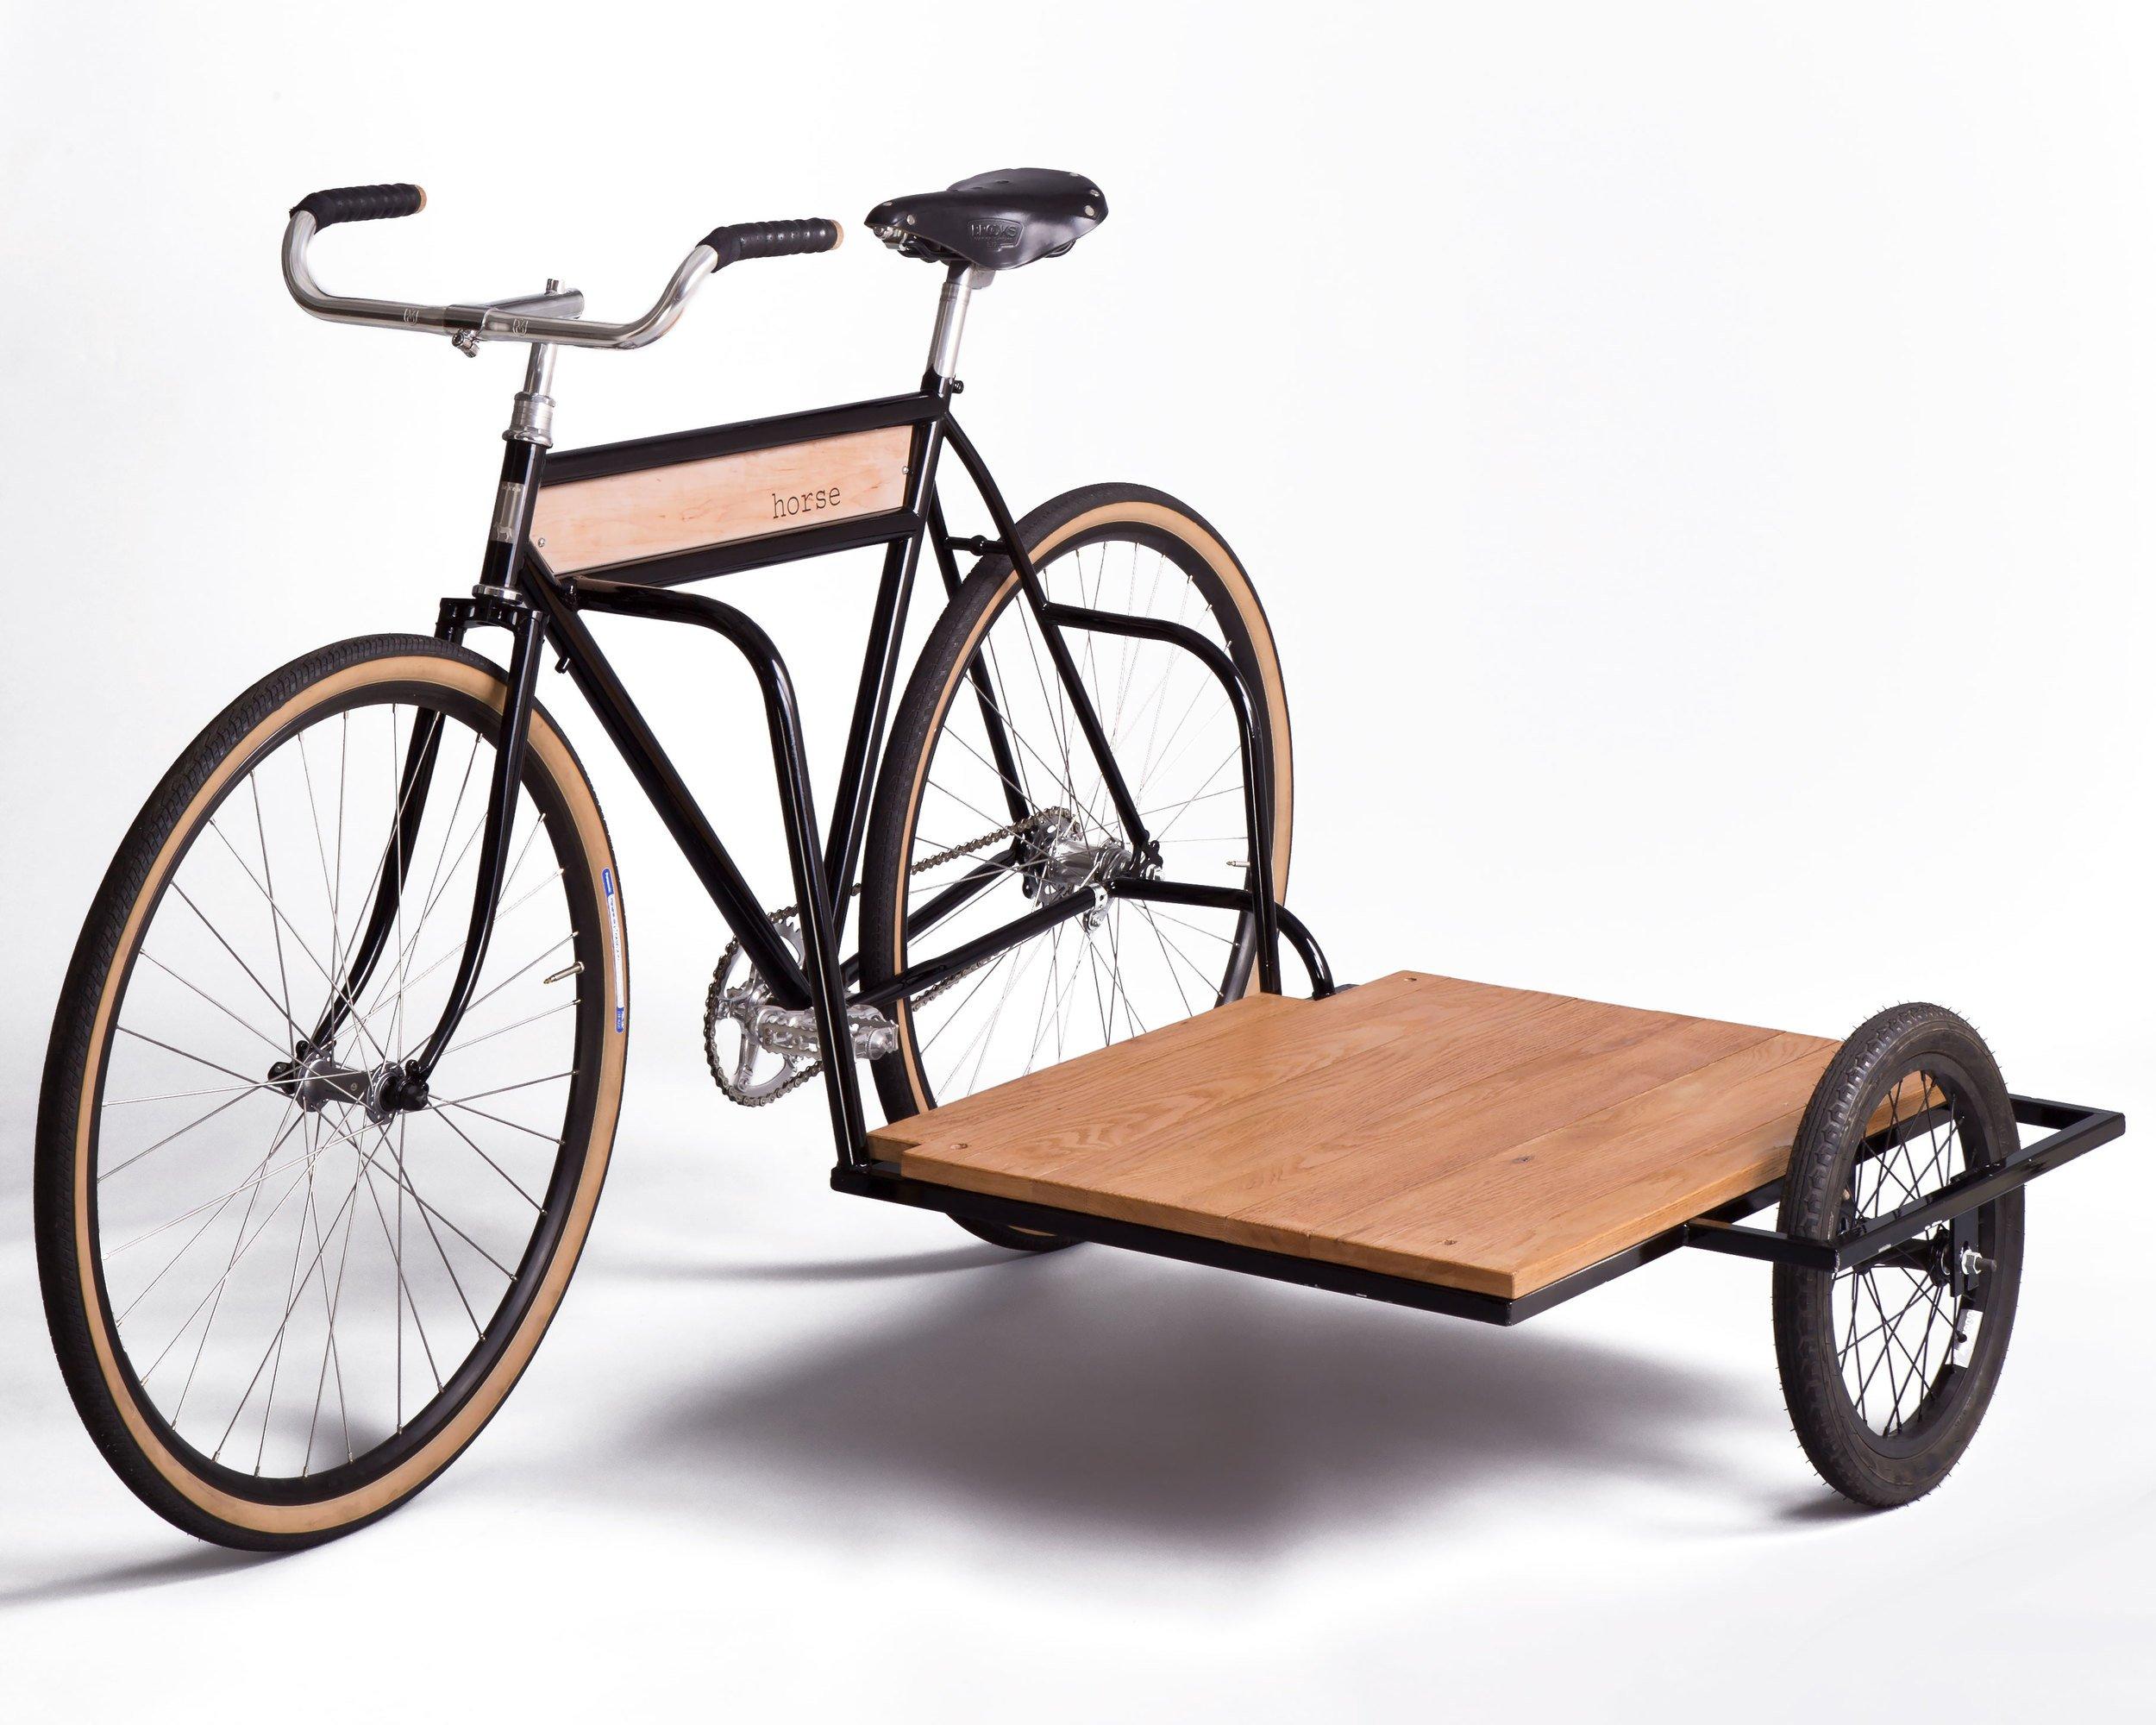 Horse side car bicycle, un vélo cargo bike pas comme les autres